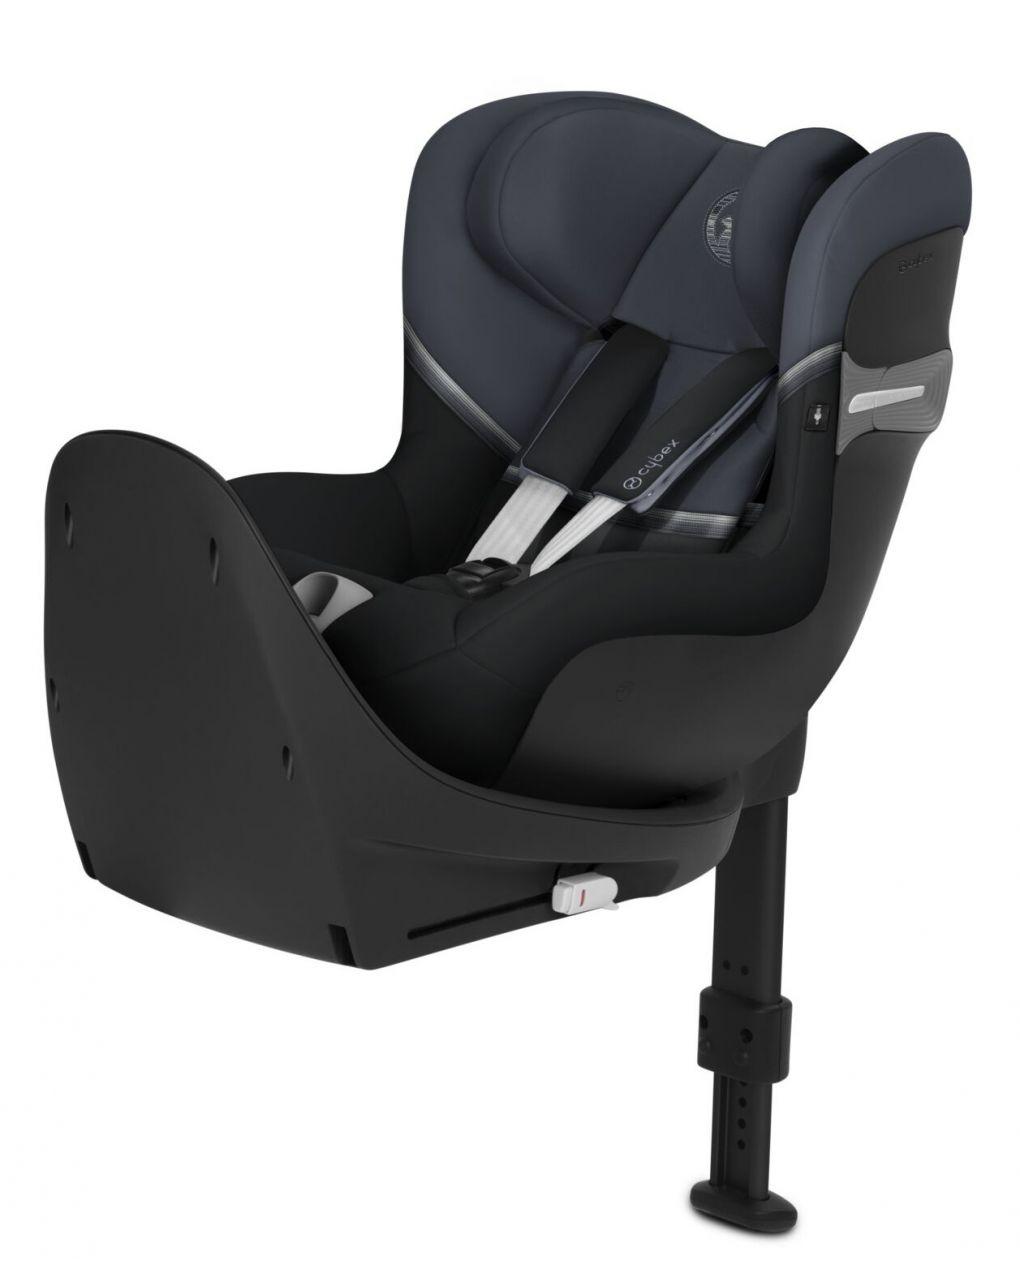 Cybex Κάθισμα Αυτοκινήτου Sirona SX2 i-size - Γρανίτης